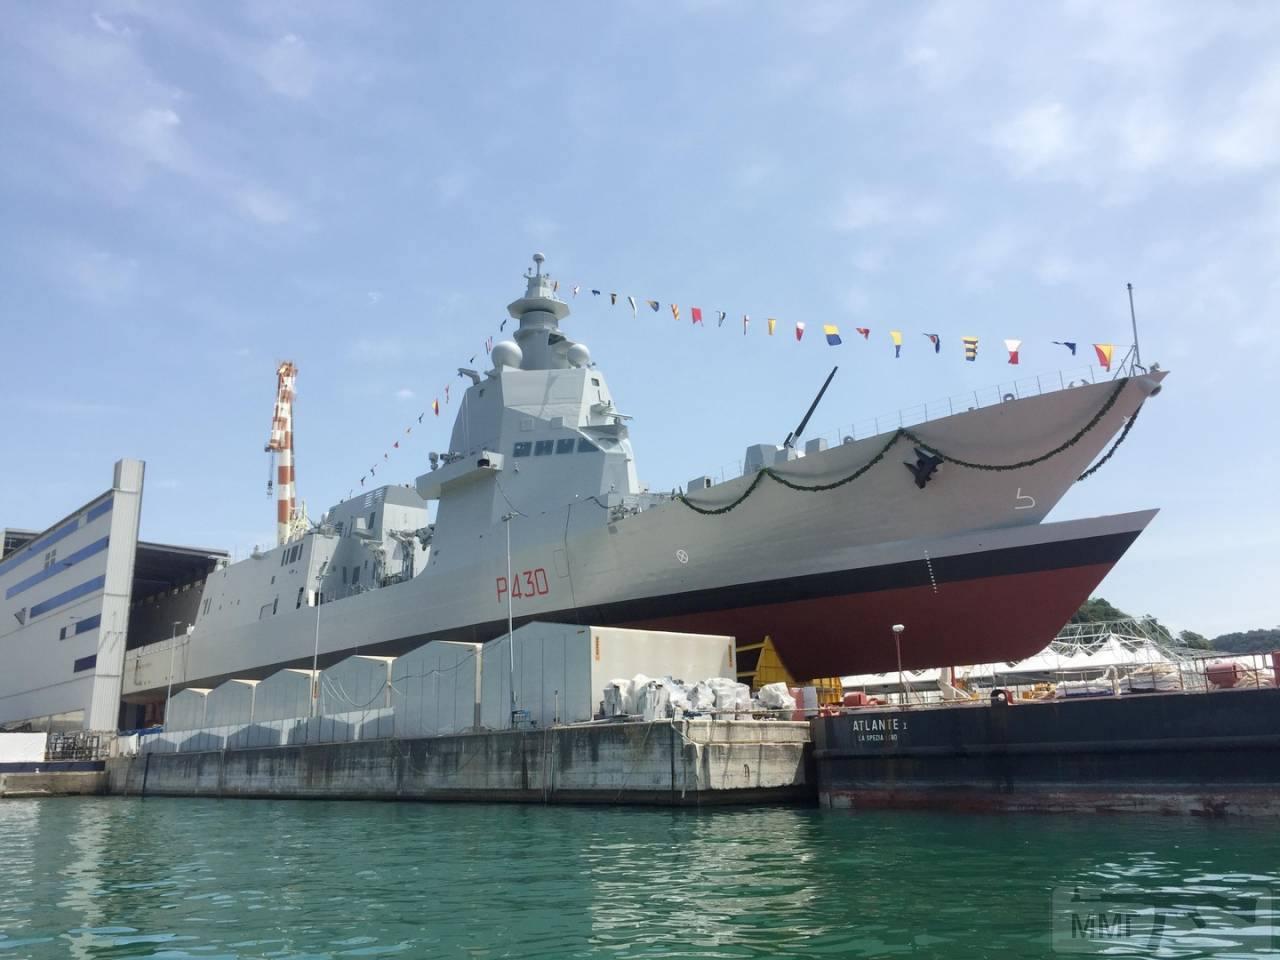 89526 - Marina Militare - послевоенные и современные итальянские ВМС